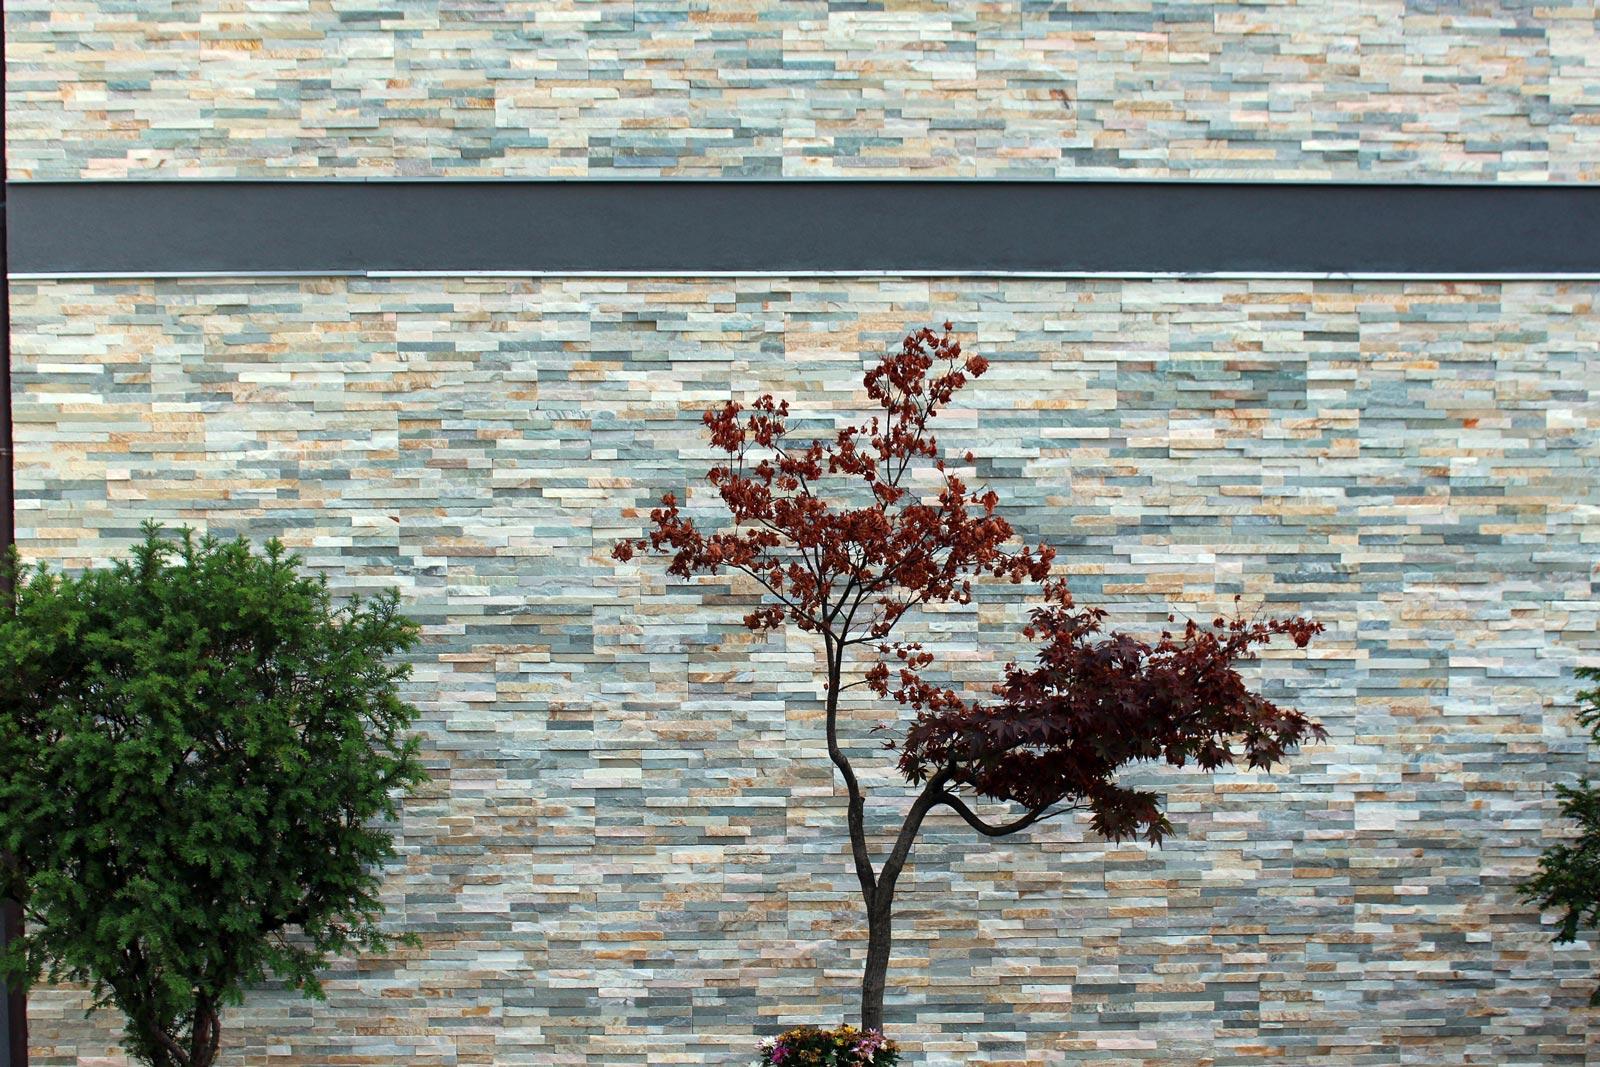 [49] Una facciata frammentata - abitazioni, rivestimenti a basso spessore preassemblati